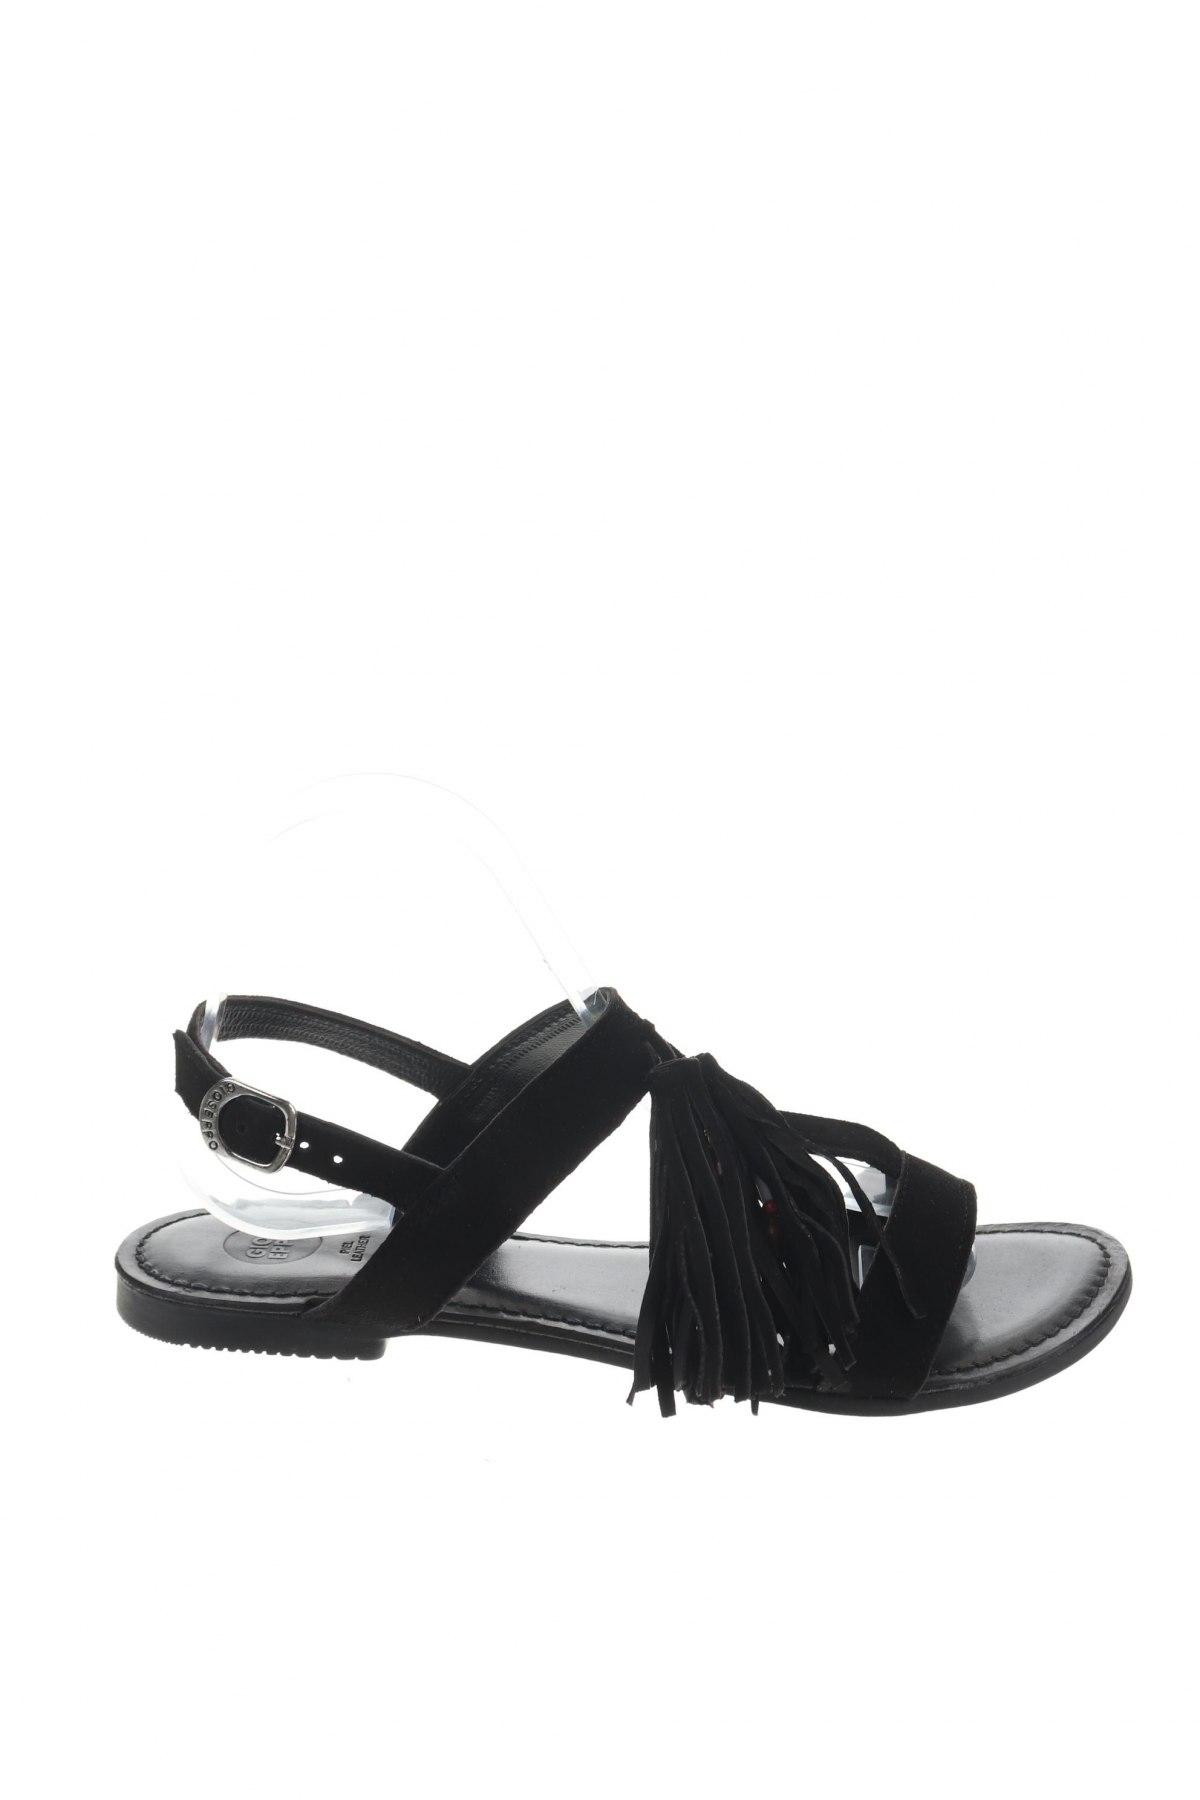 Σανδάλια Gioseppo, Μέγεθος 39, Χρώμα Μαύρο, Φυσικό σουέτ, Τιμή 22,95€